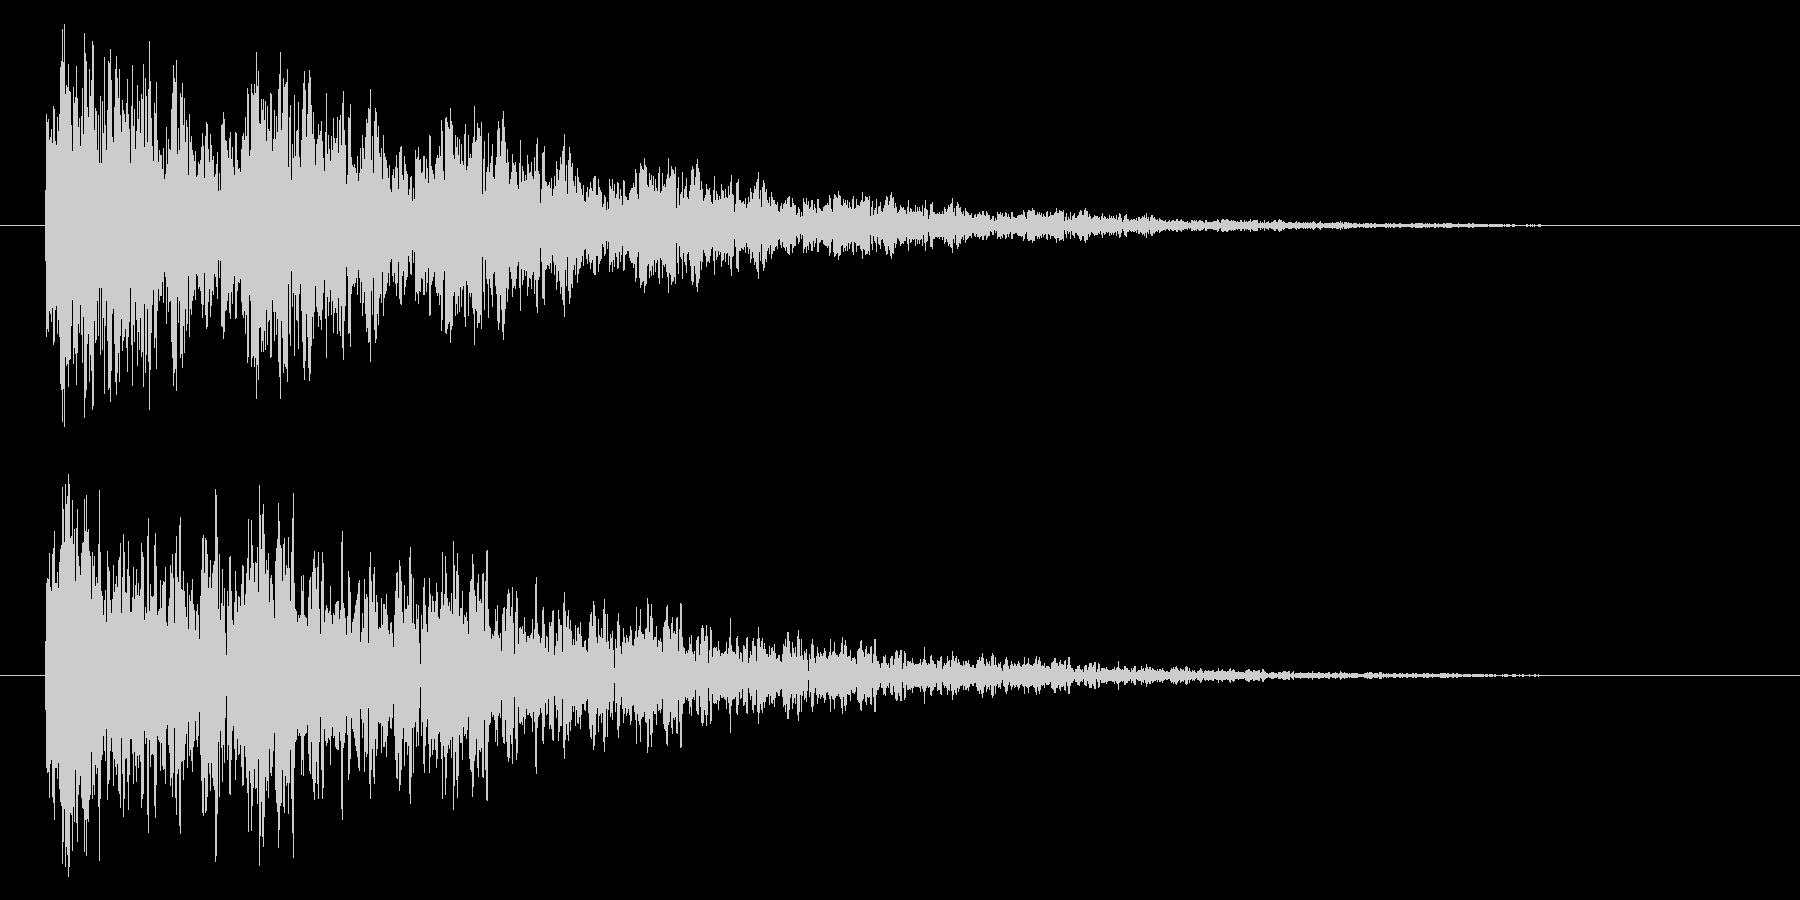 【アクセント45-2】の未再生の波形